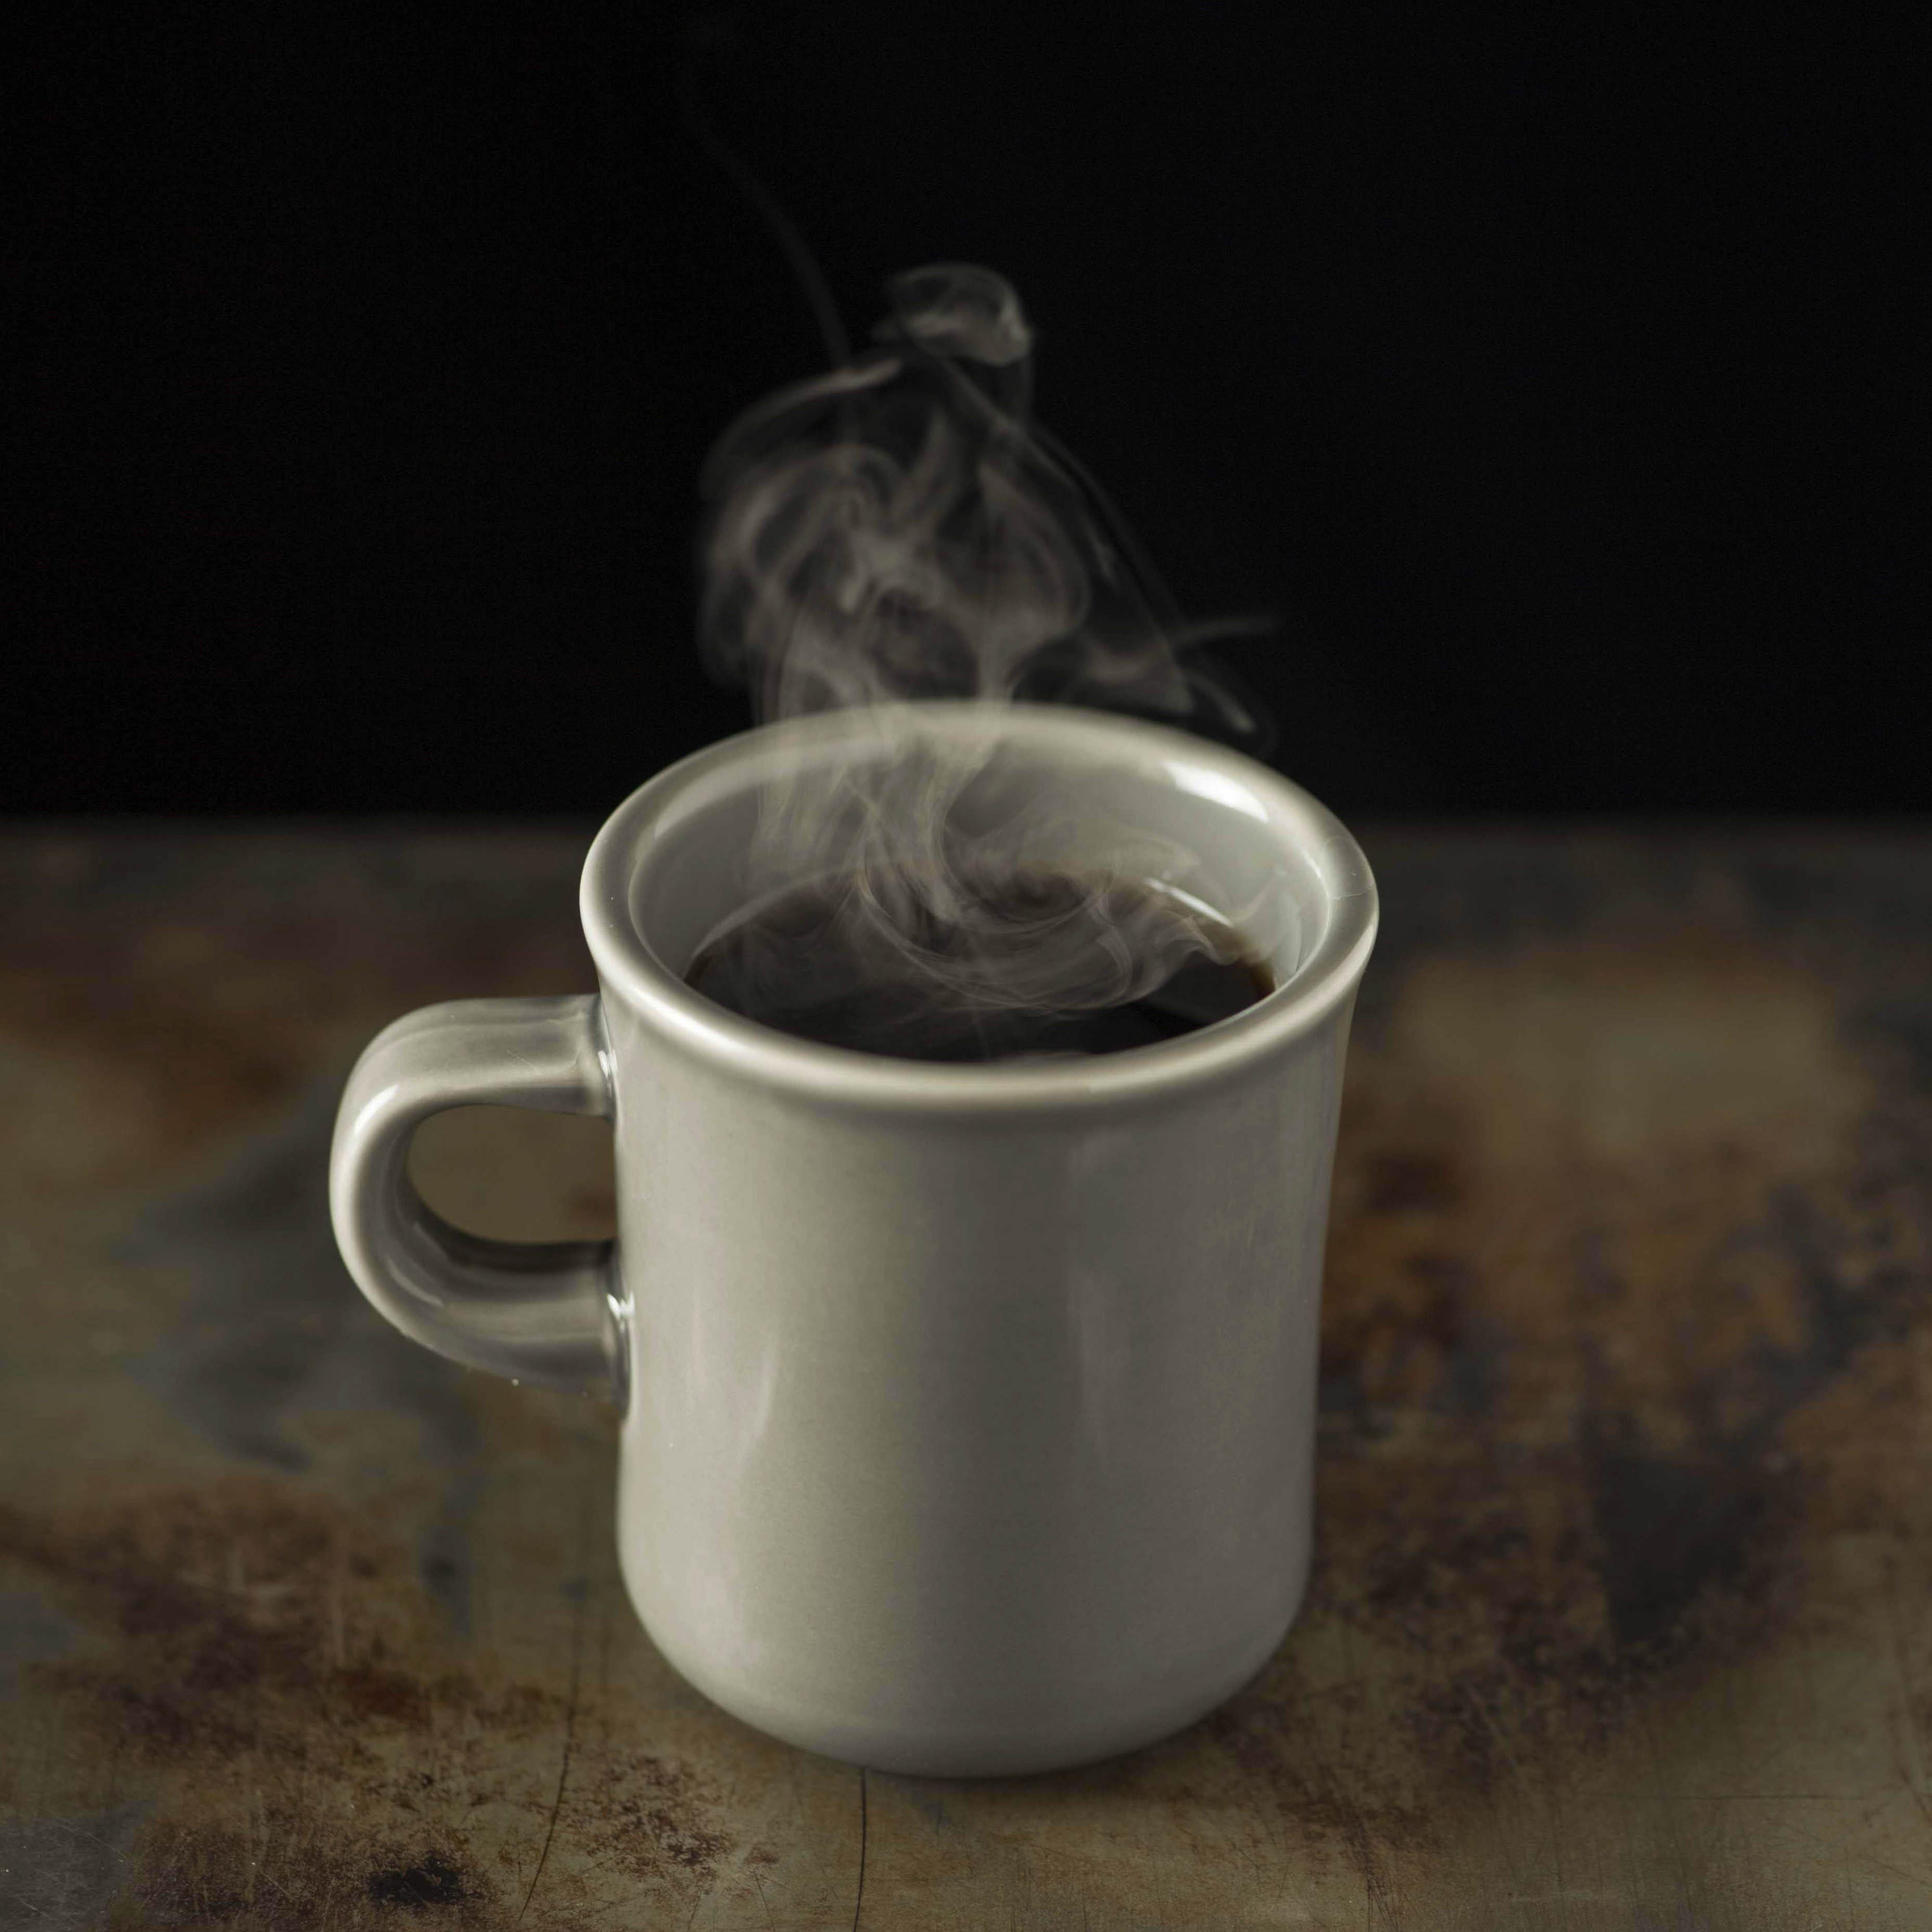 最後は冷めたコーヒーでテスト。